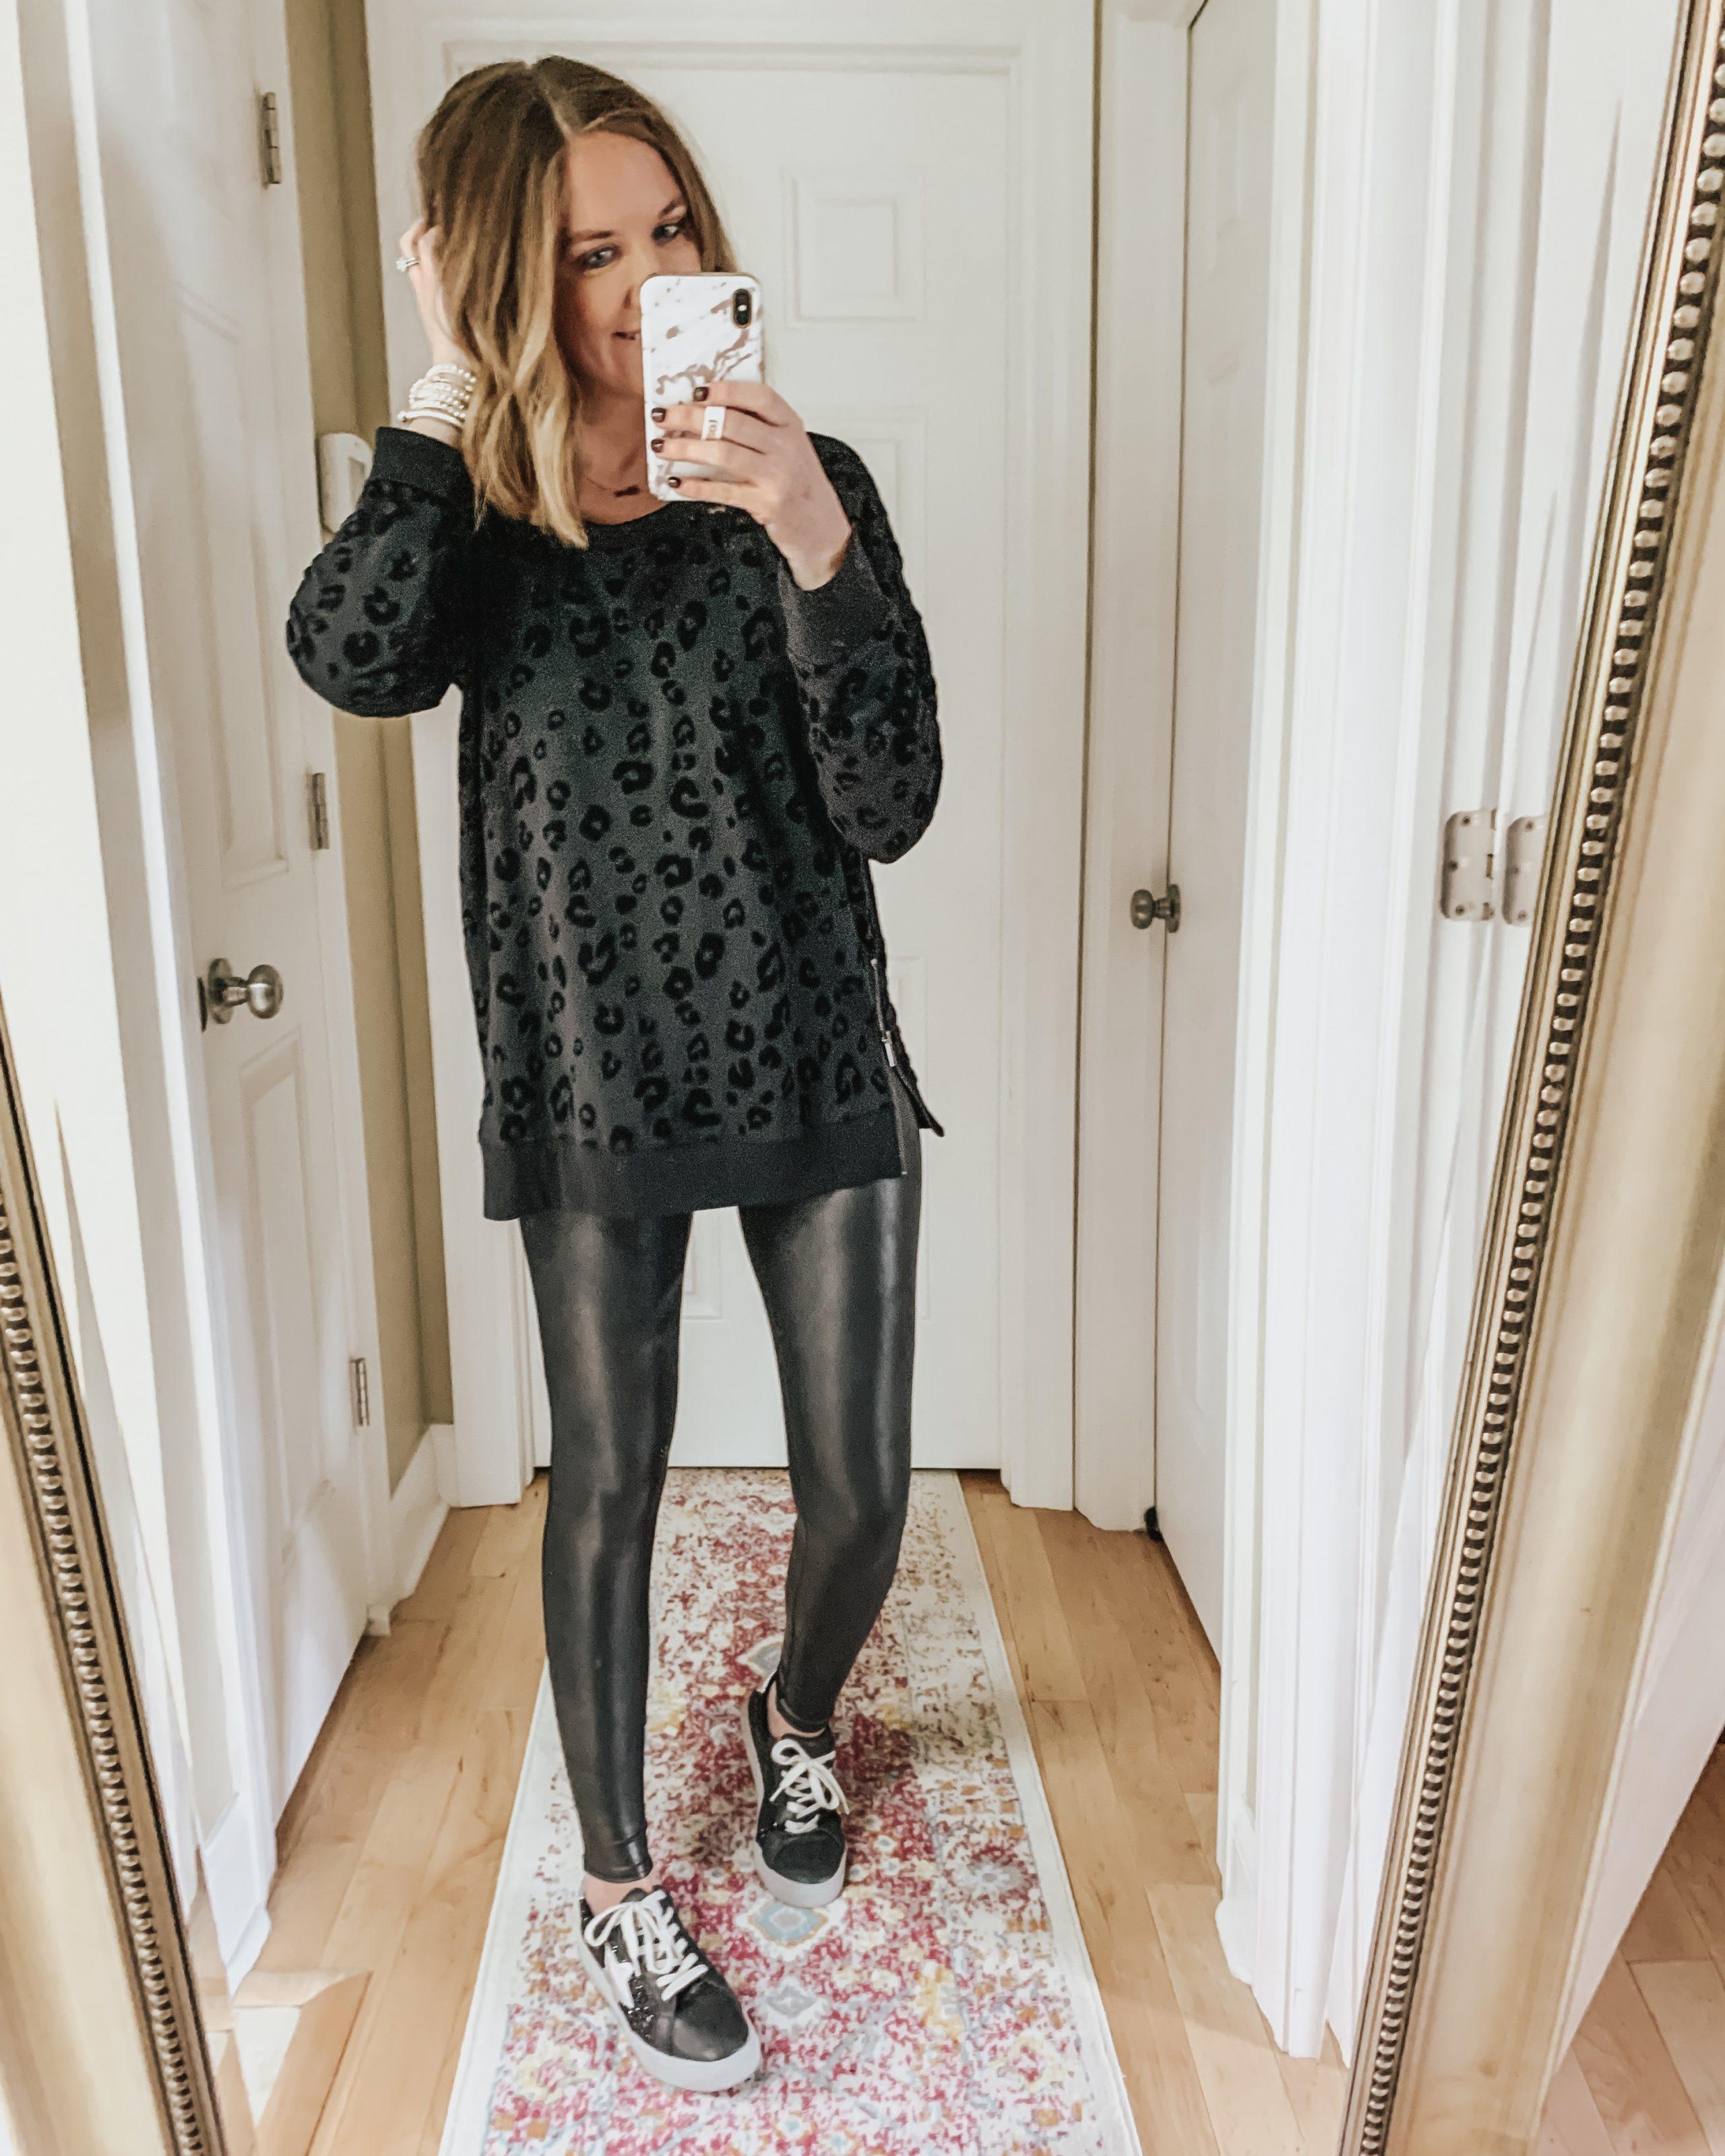 leopard-sweatshirt-monochromatic-black-outfit-glitter-sneakers